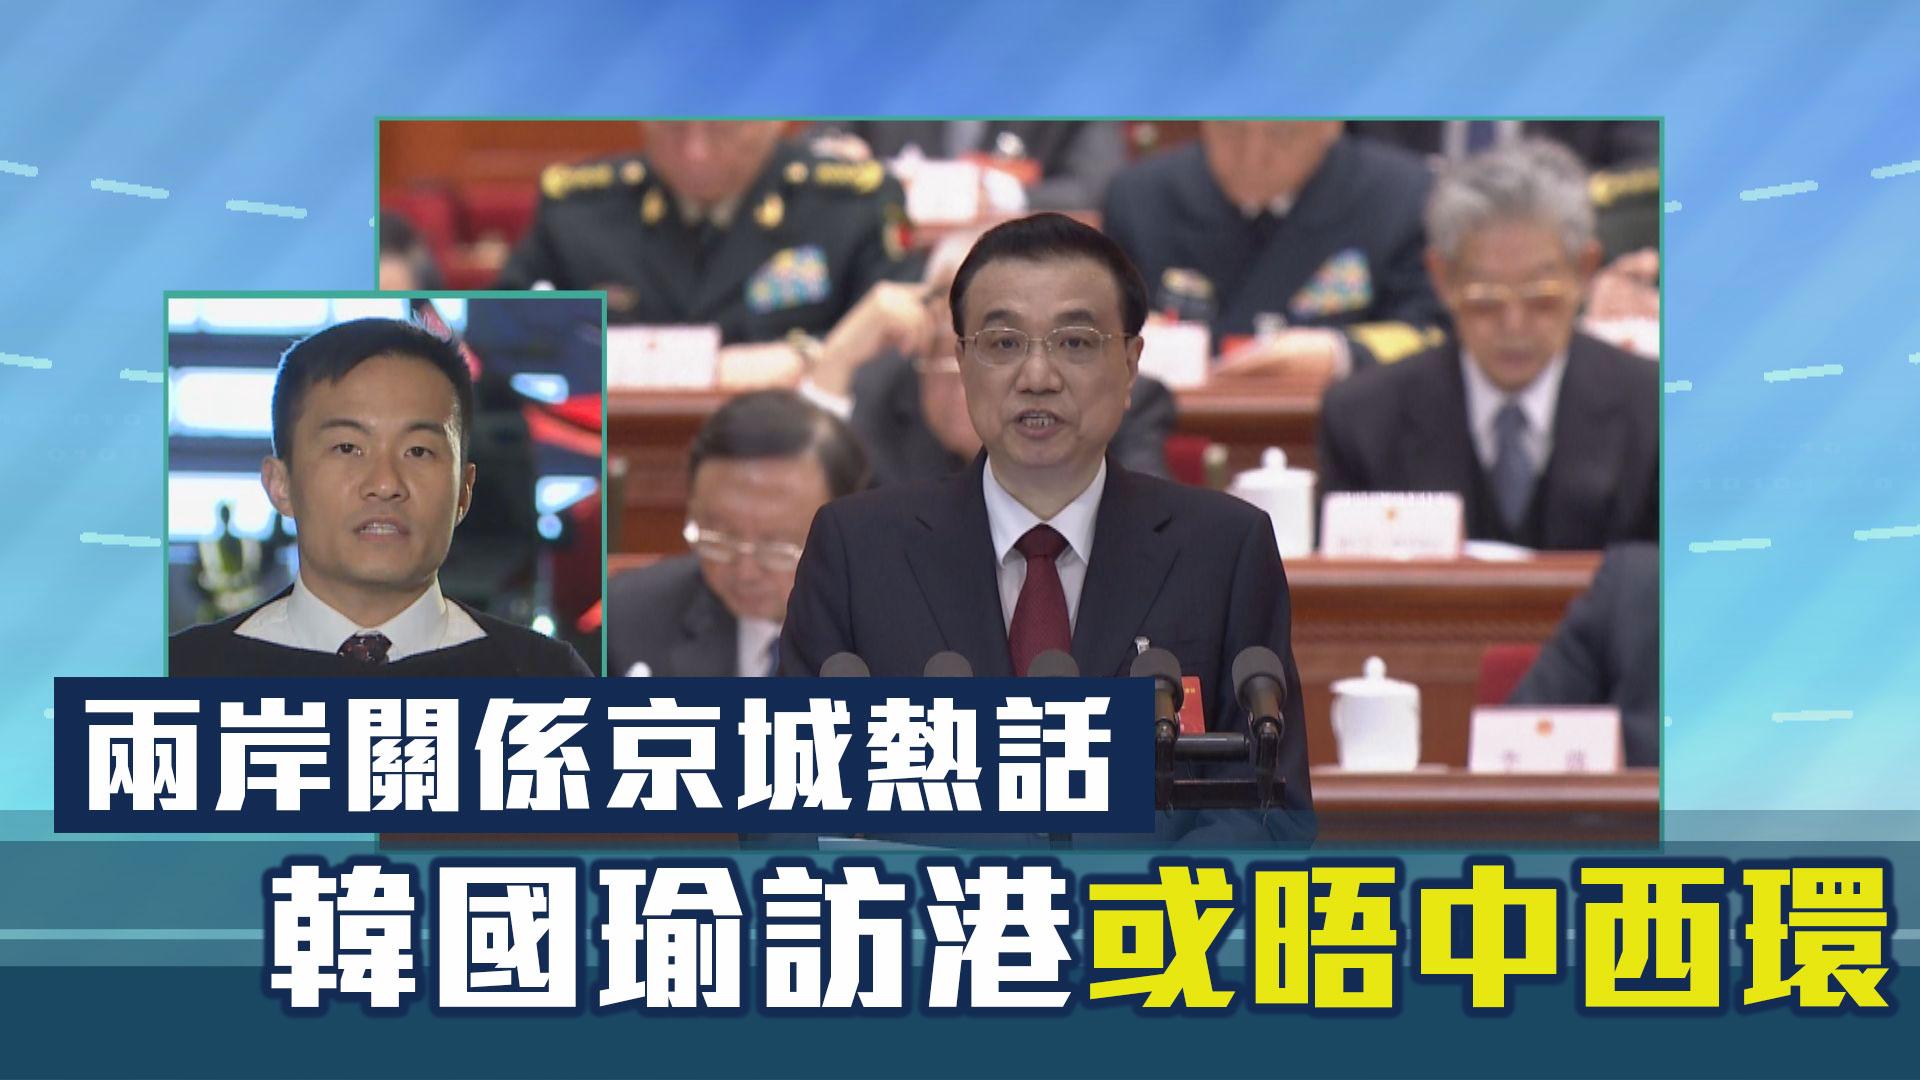 【政情】兩岸關係京城熱話 韓國瑜訪港或晤中西環